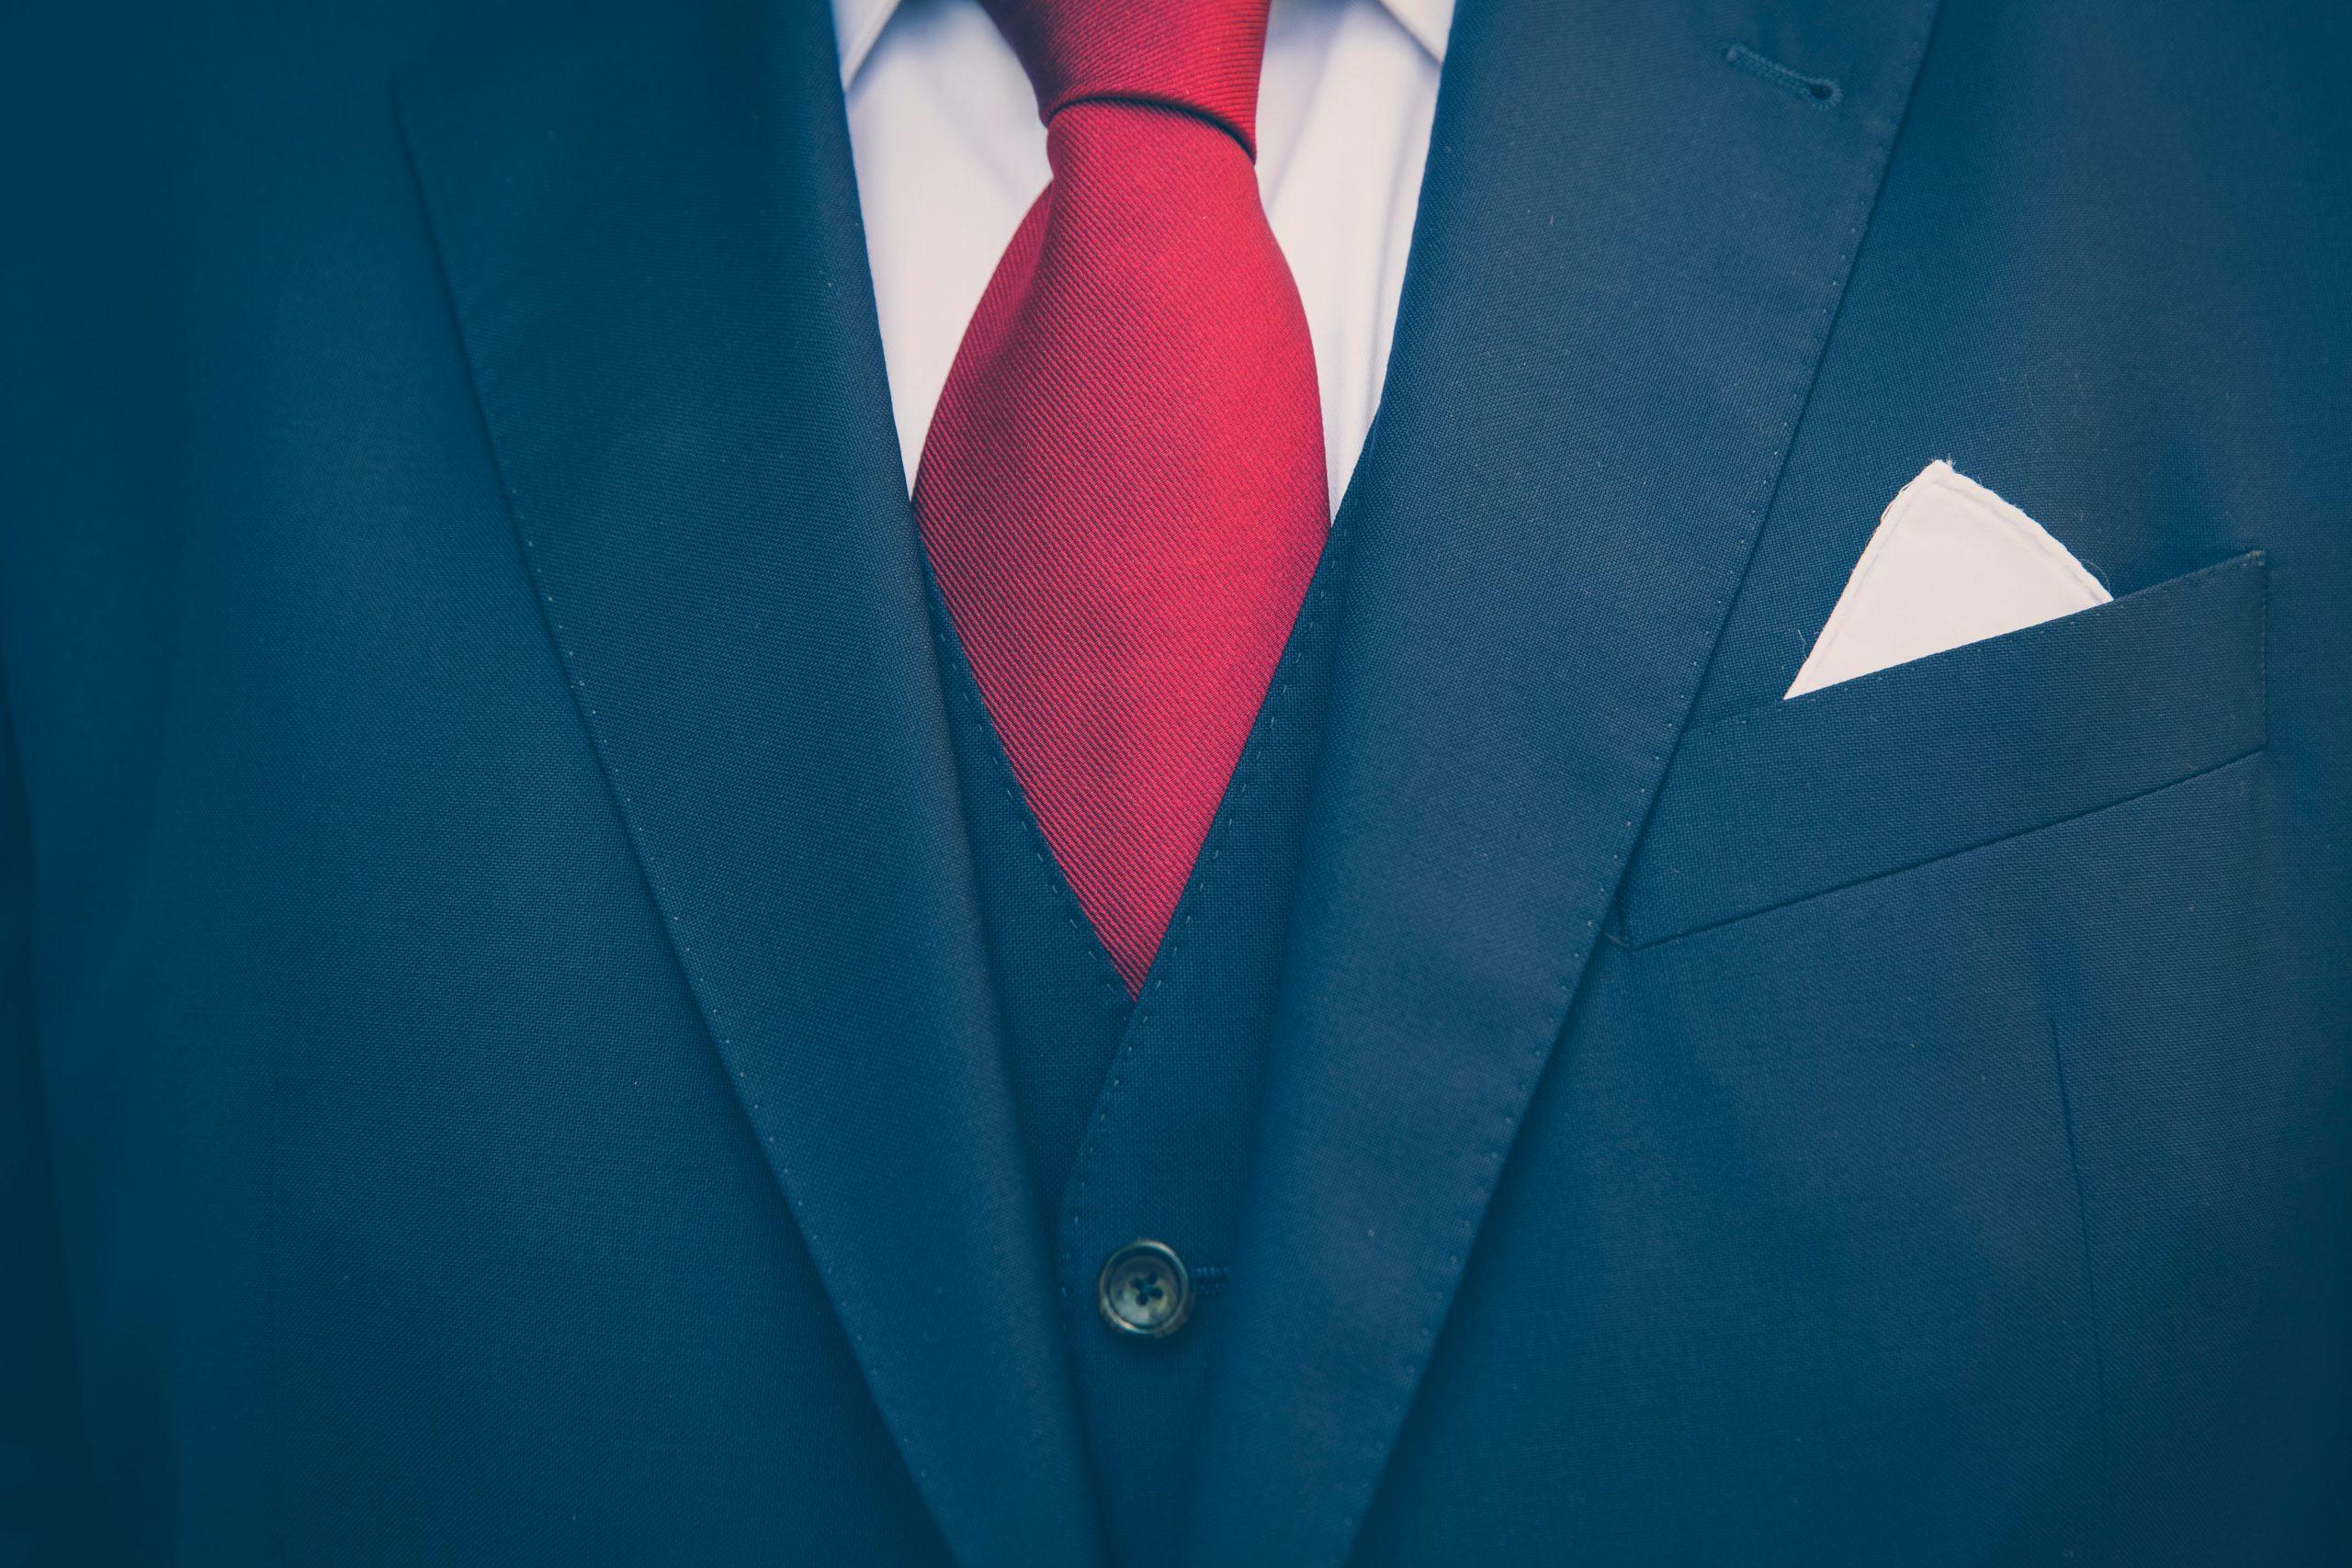 スーツの男性、ビジネスマン